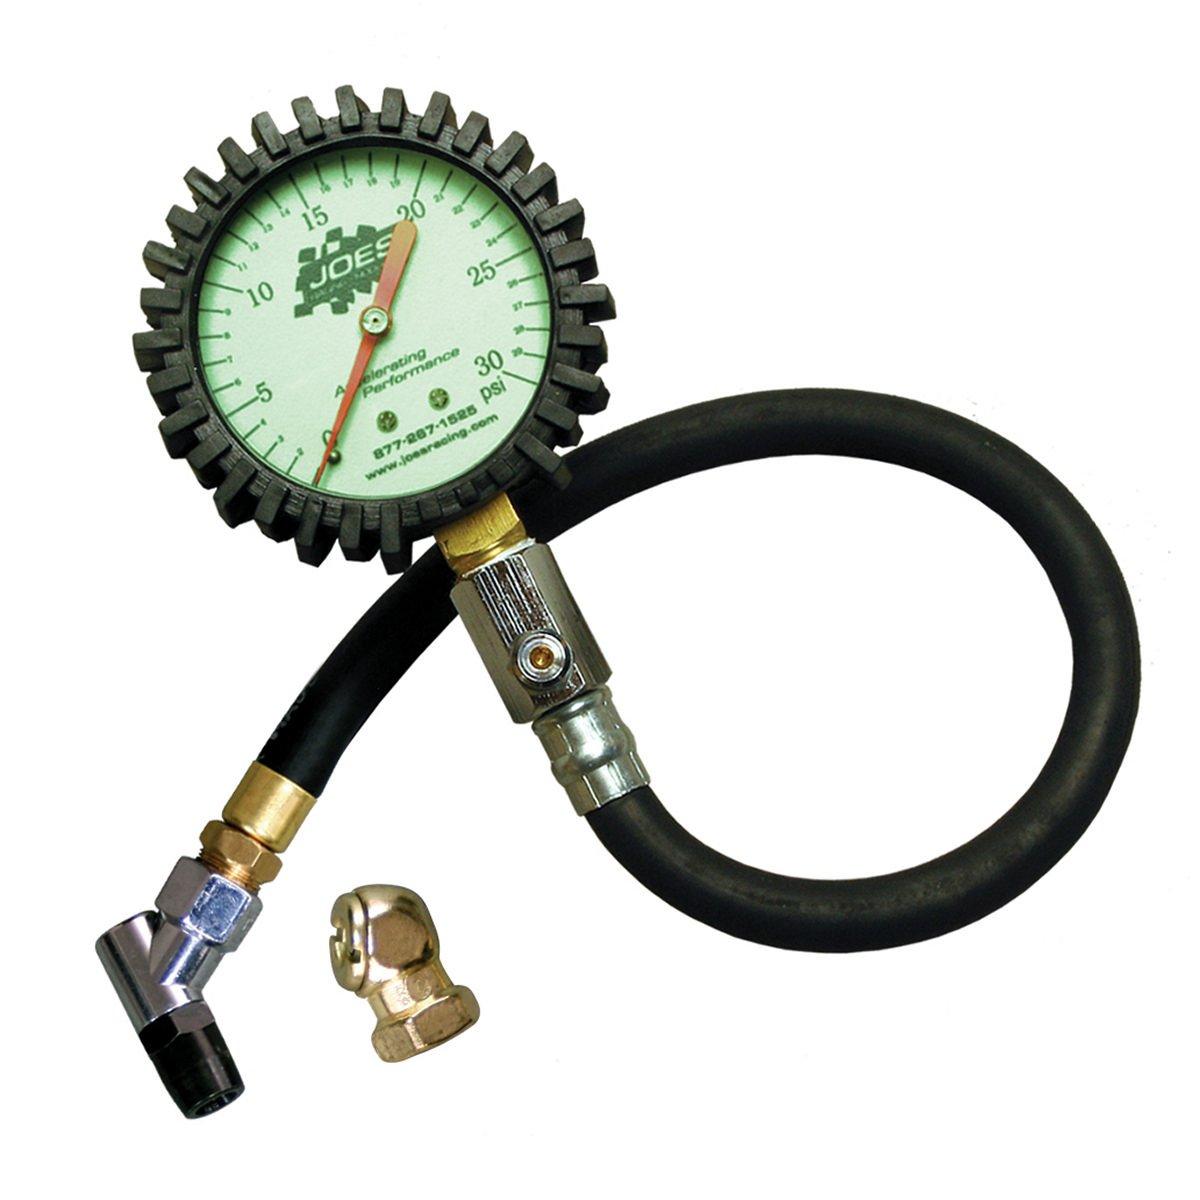 tire pressure gauge. amazon.com: joes racing 32306 (0-30) psi tire pressure gauge: automotive gauge